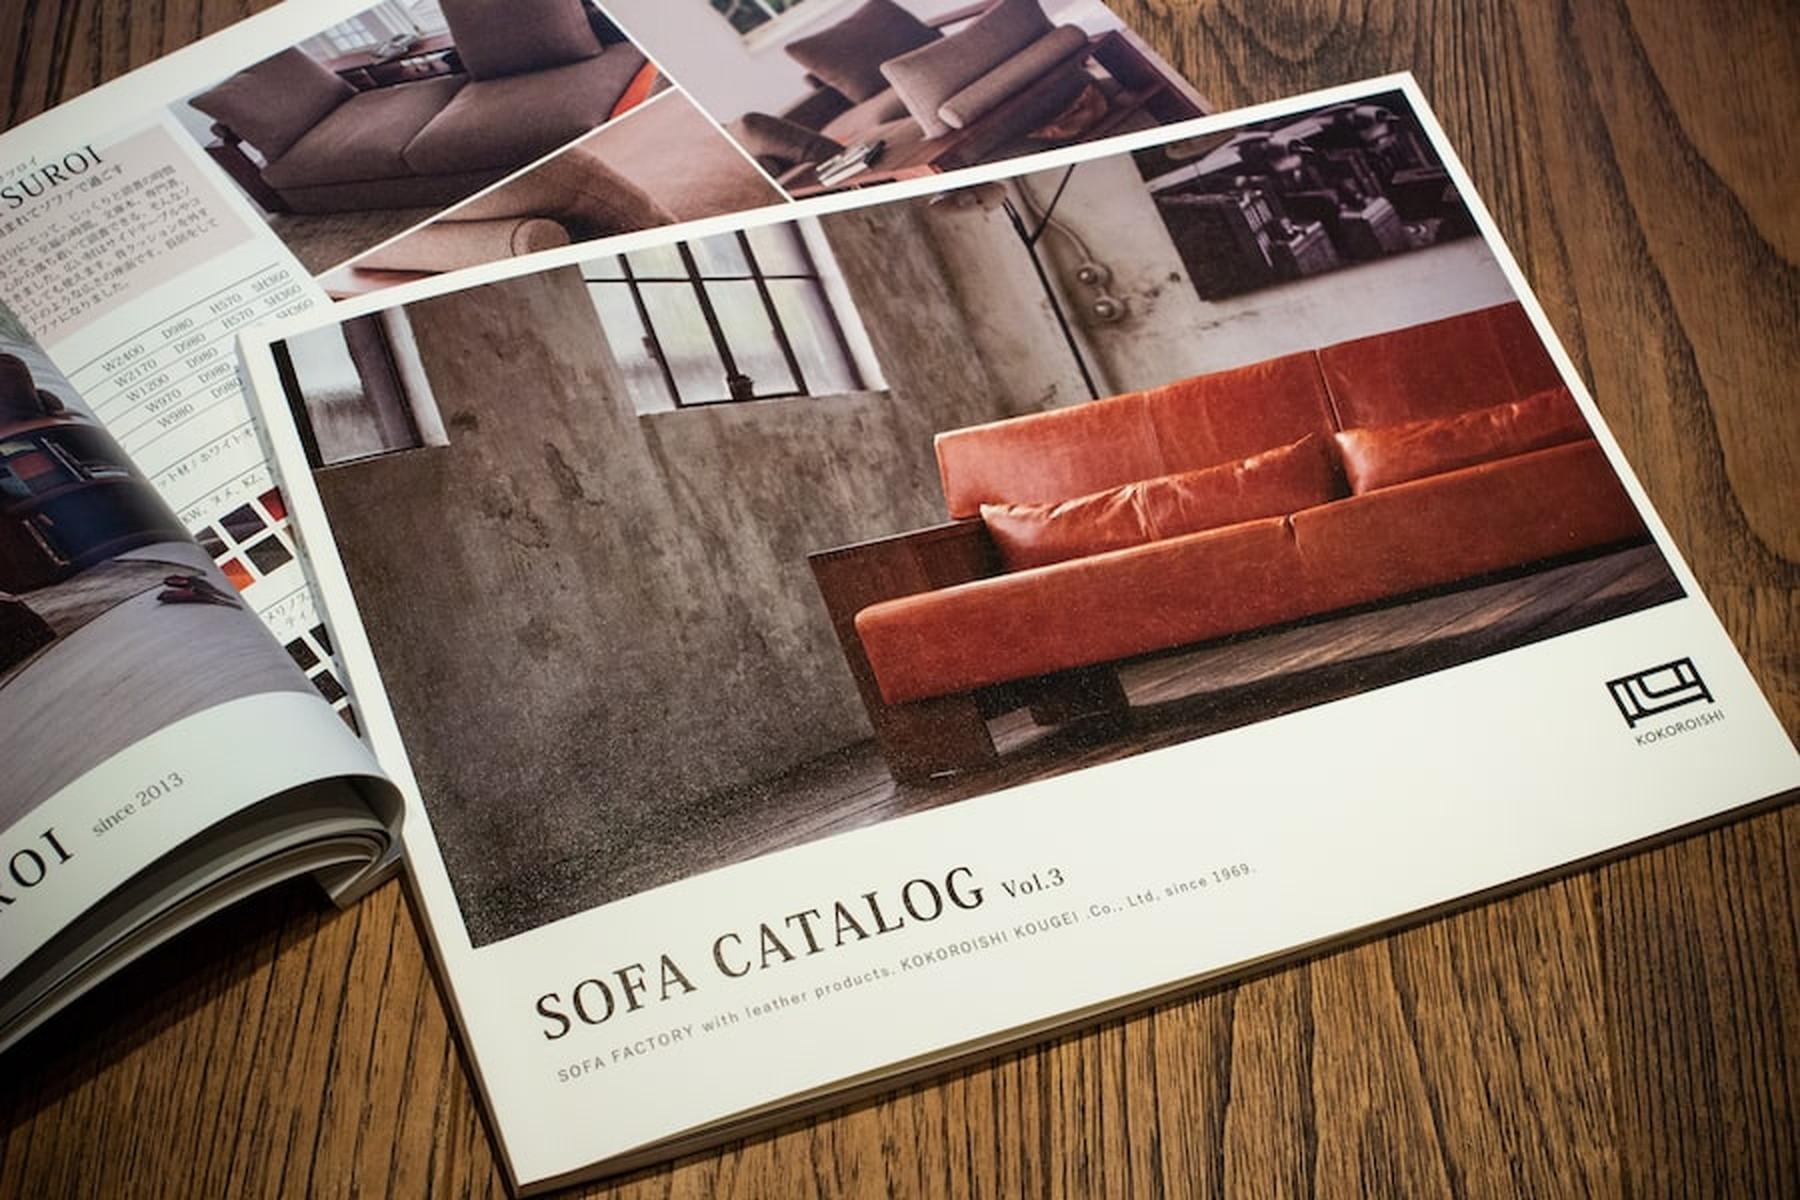 新カタログ「SOFA CATALOG Ver.3」発刊のお知らせ/KOKOROISHIソファ